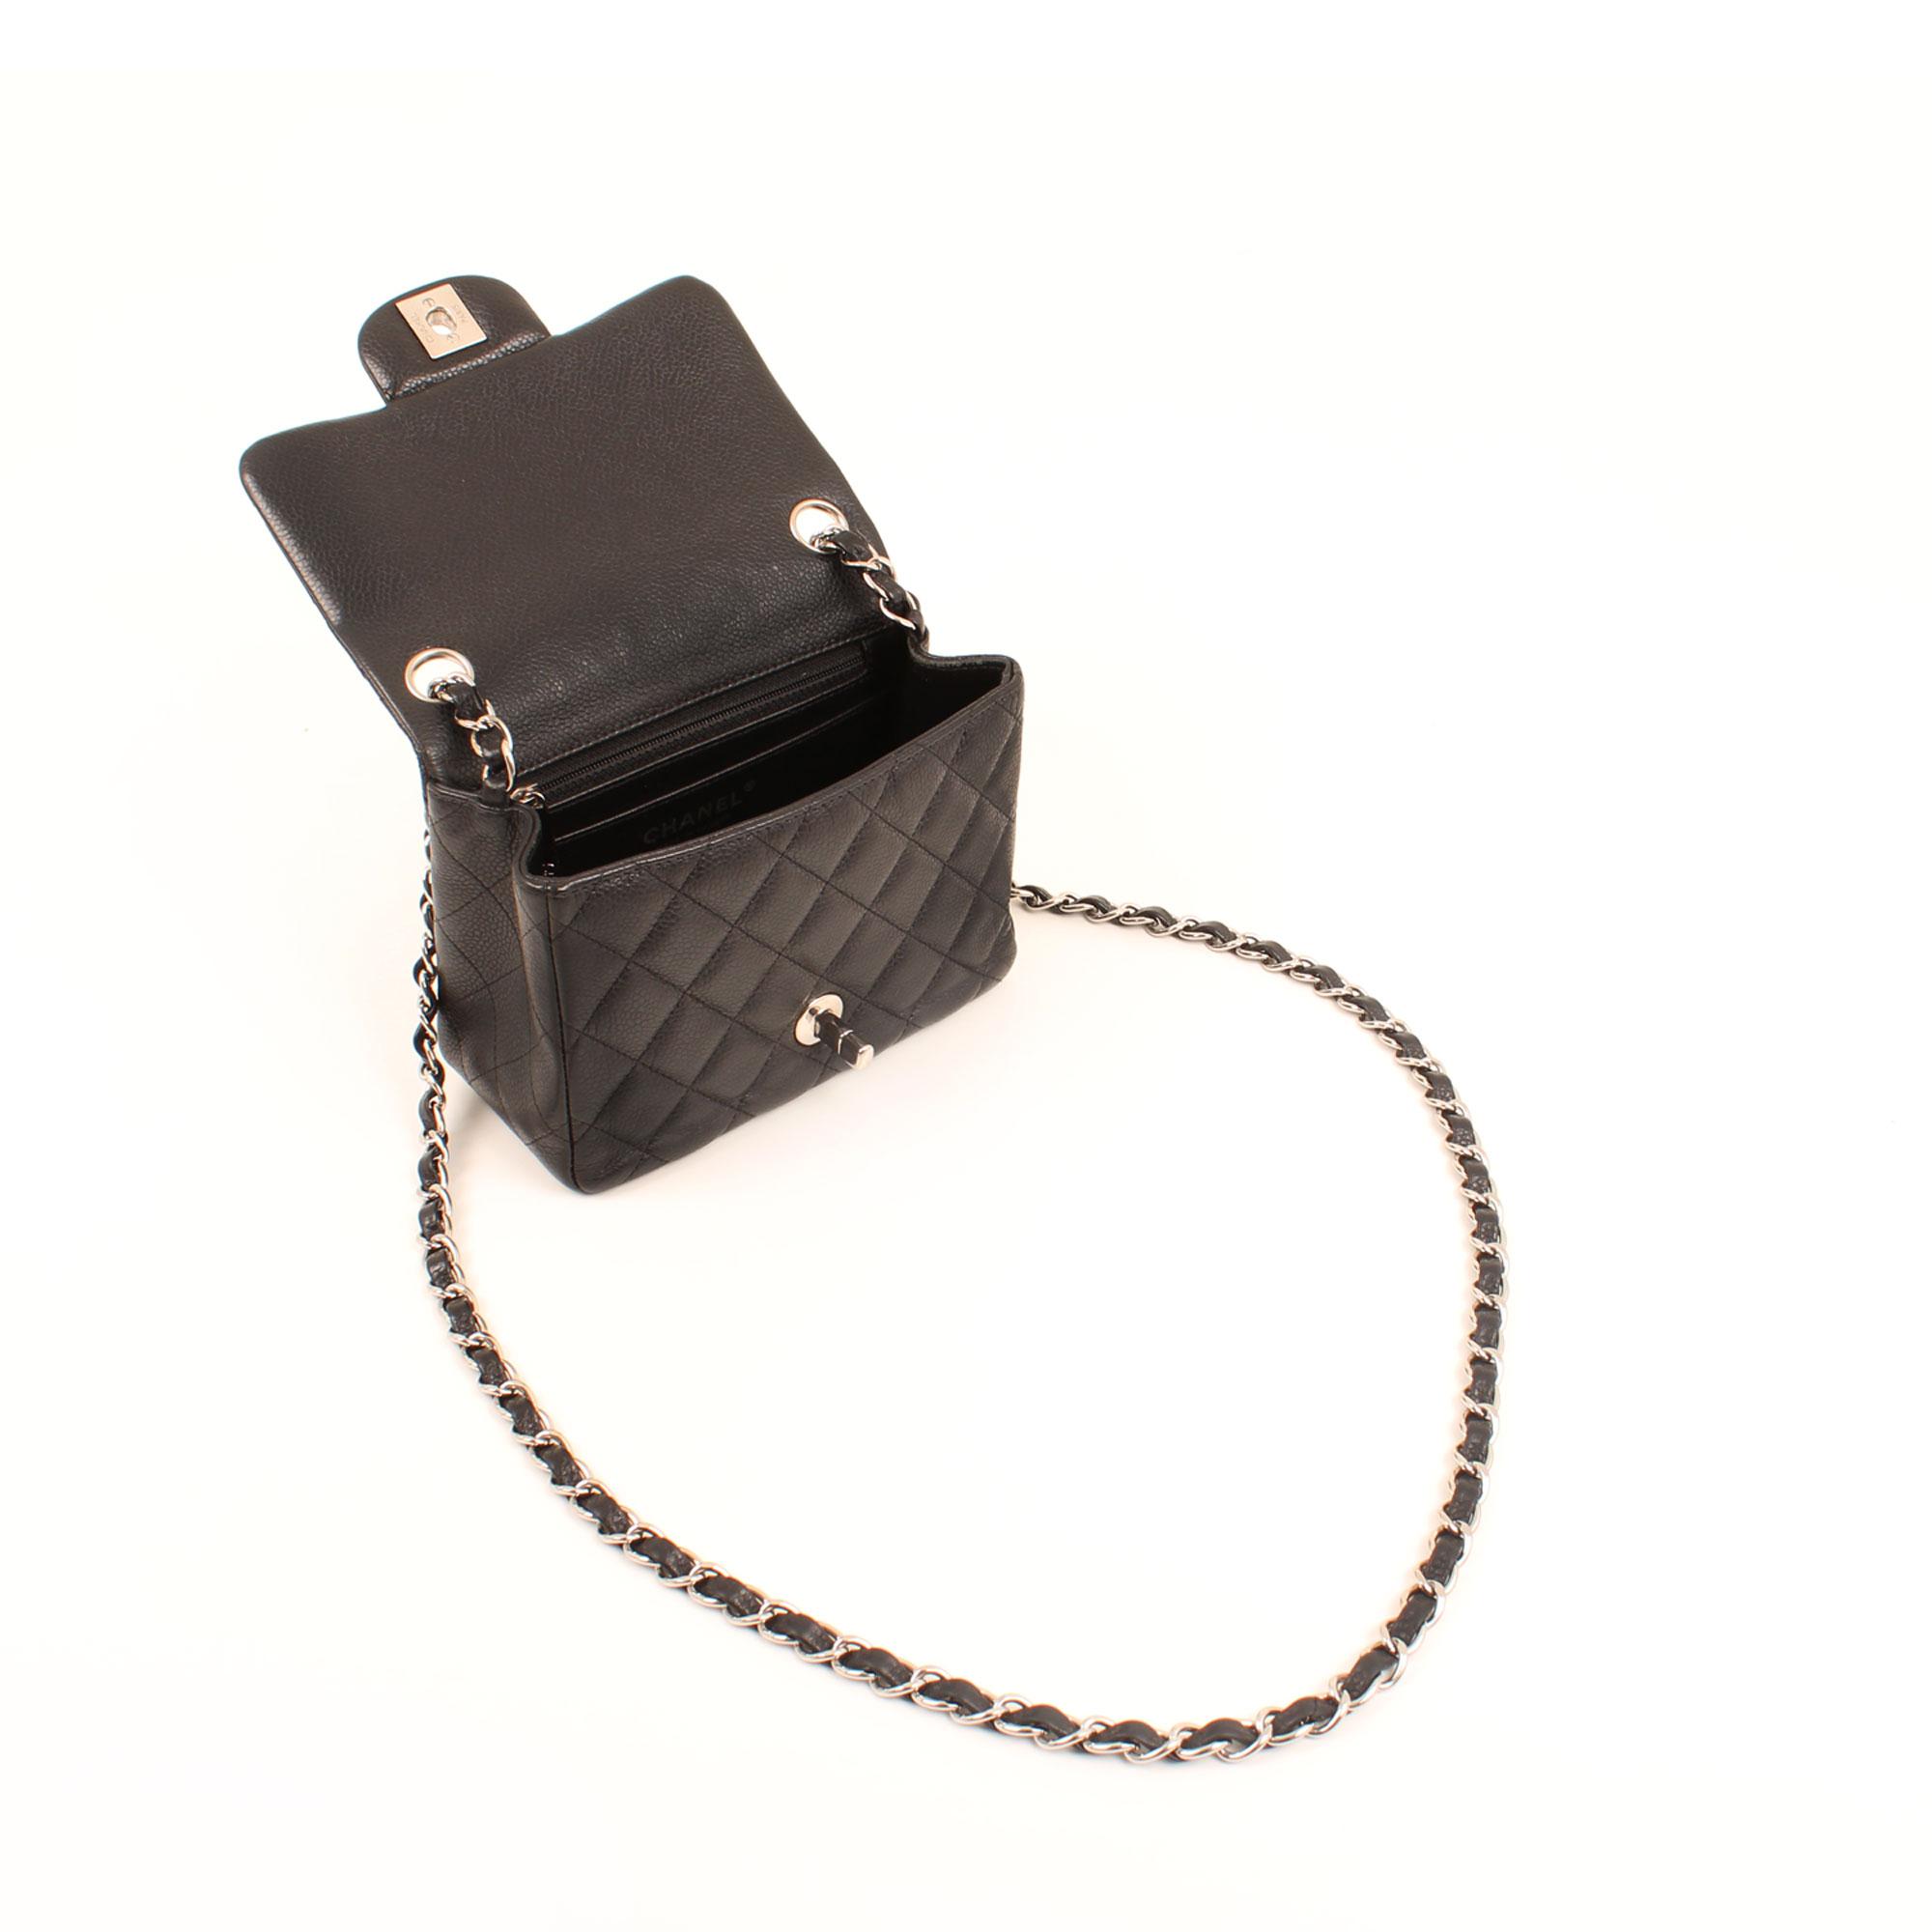 Imagen del bolso abiero del chanel mini timeless negro caviar